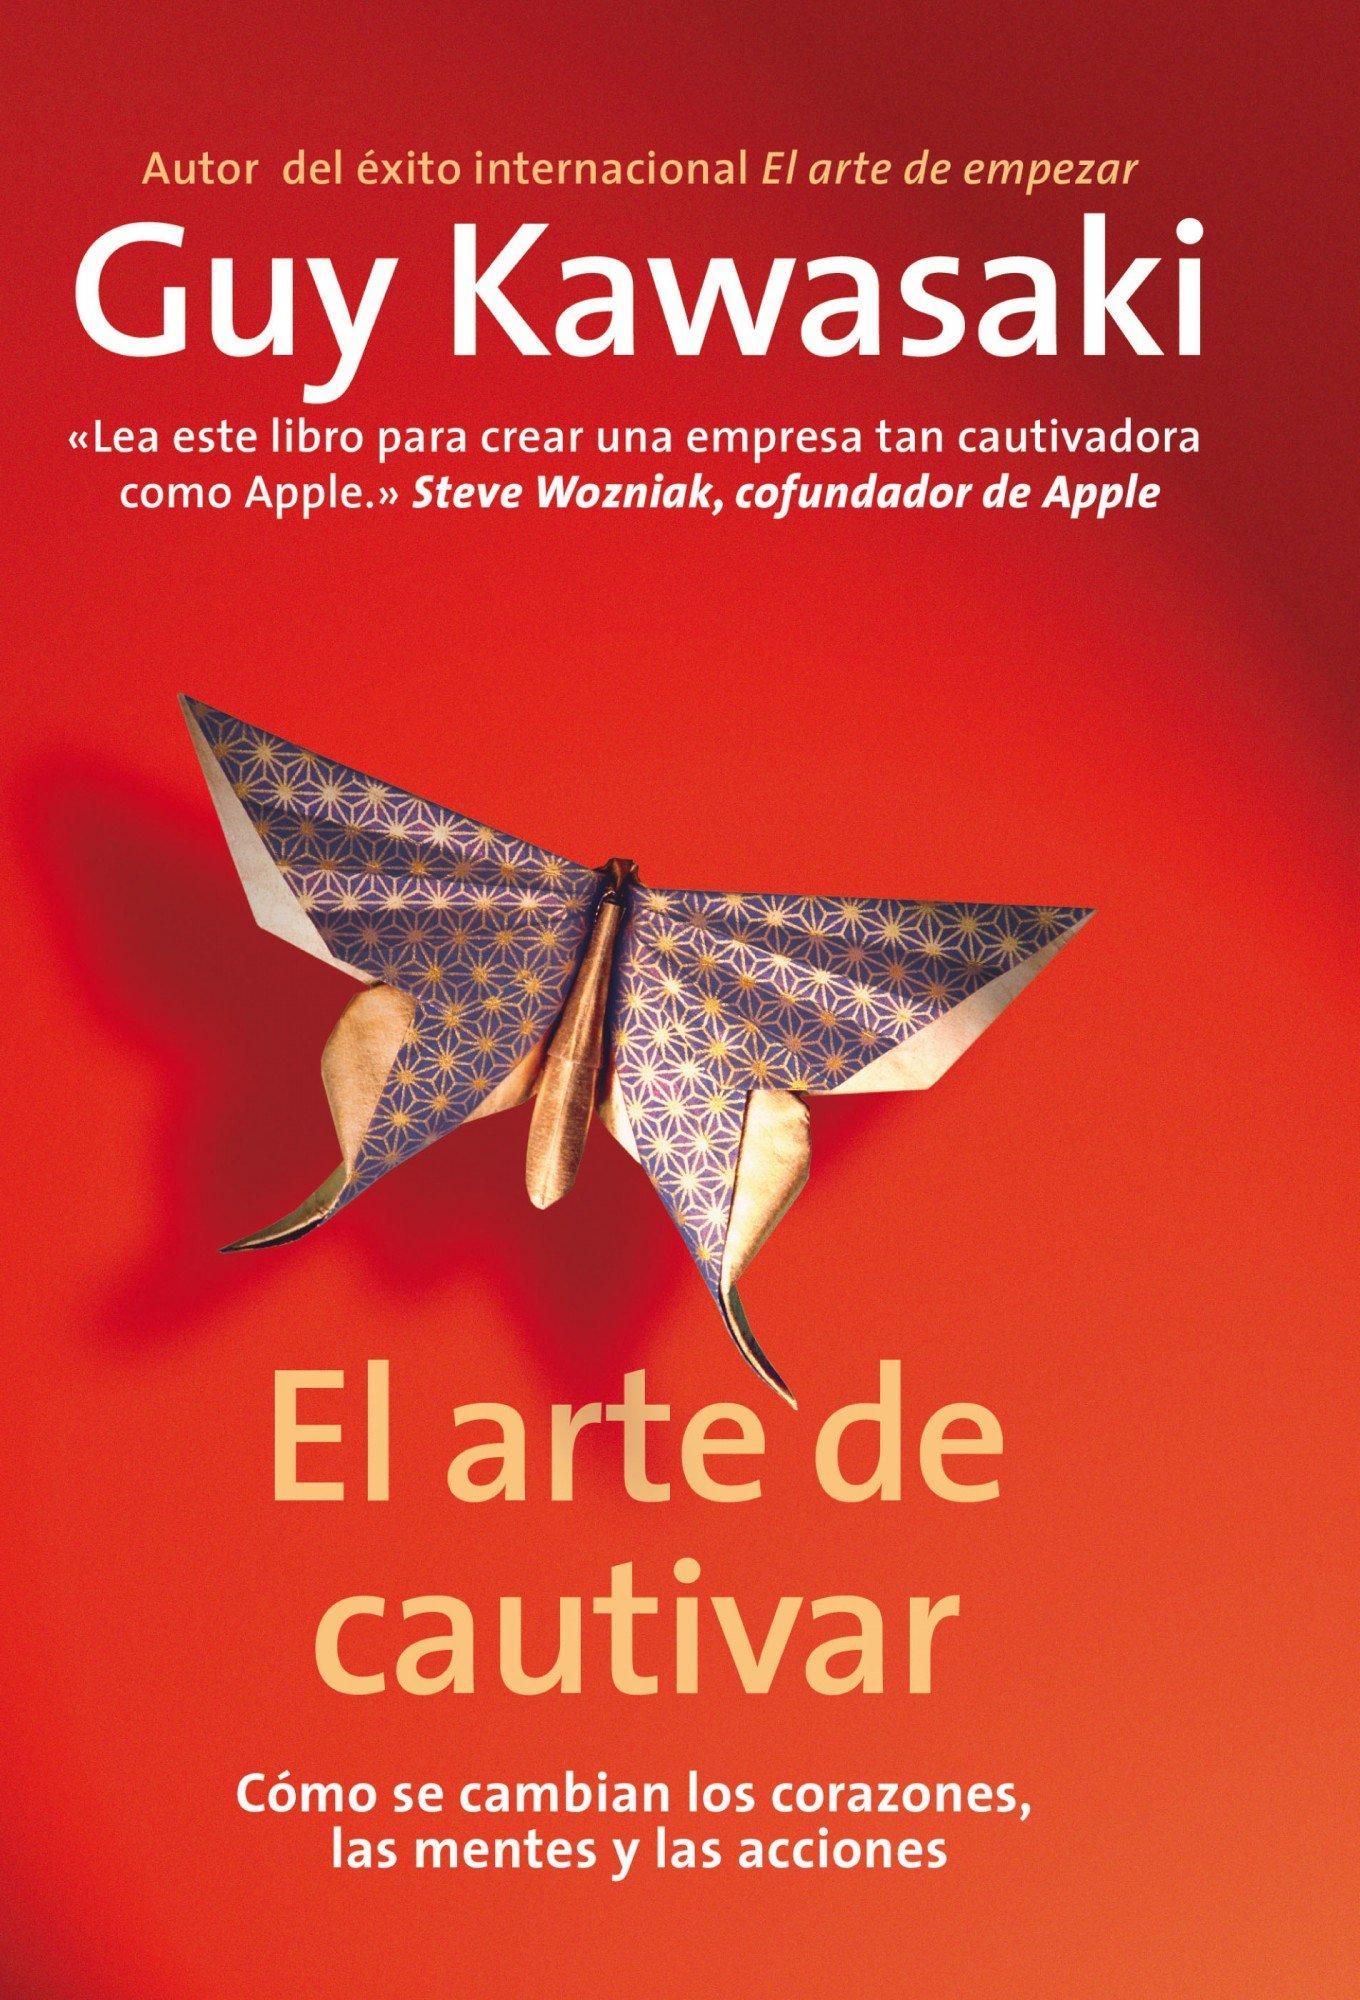 El Arte de Cautivar de Guy Kawasaki - Sant Jordi 2019